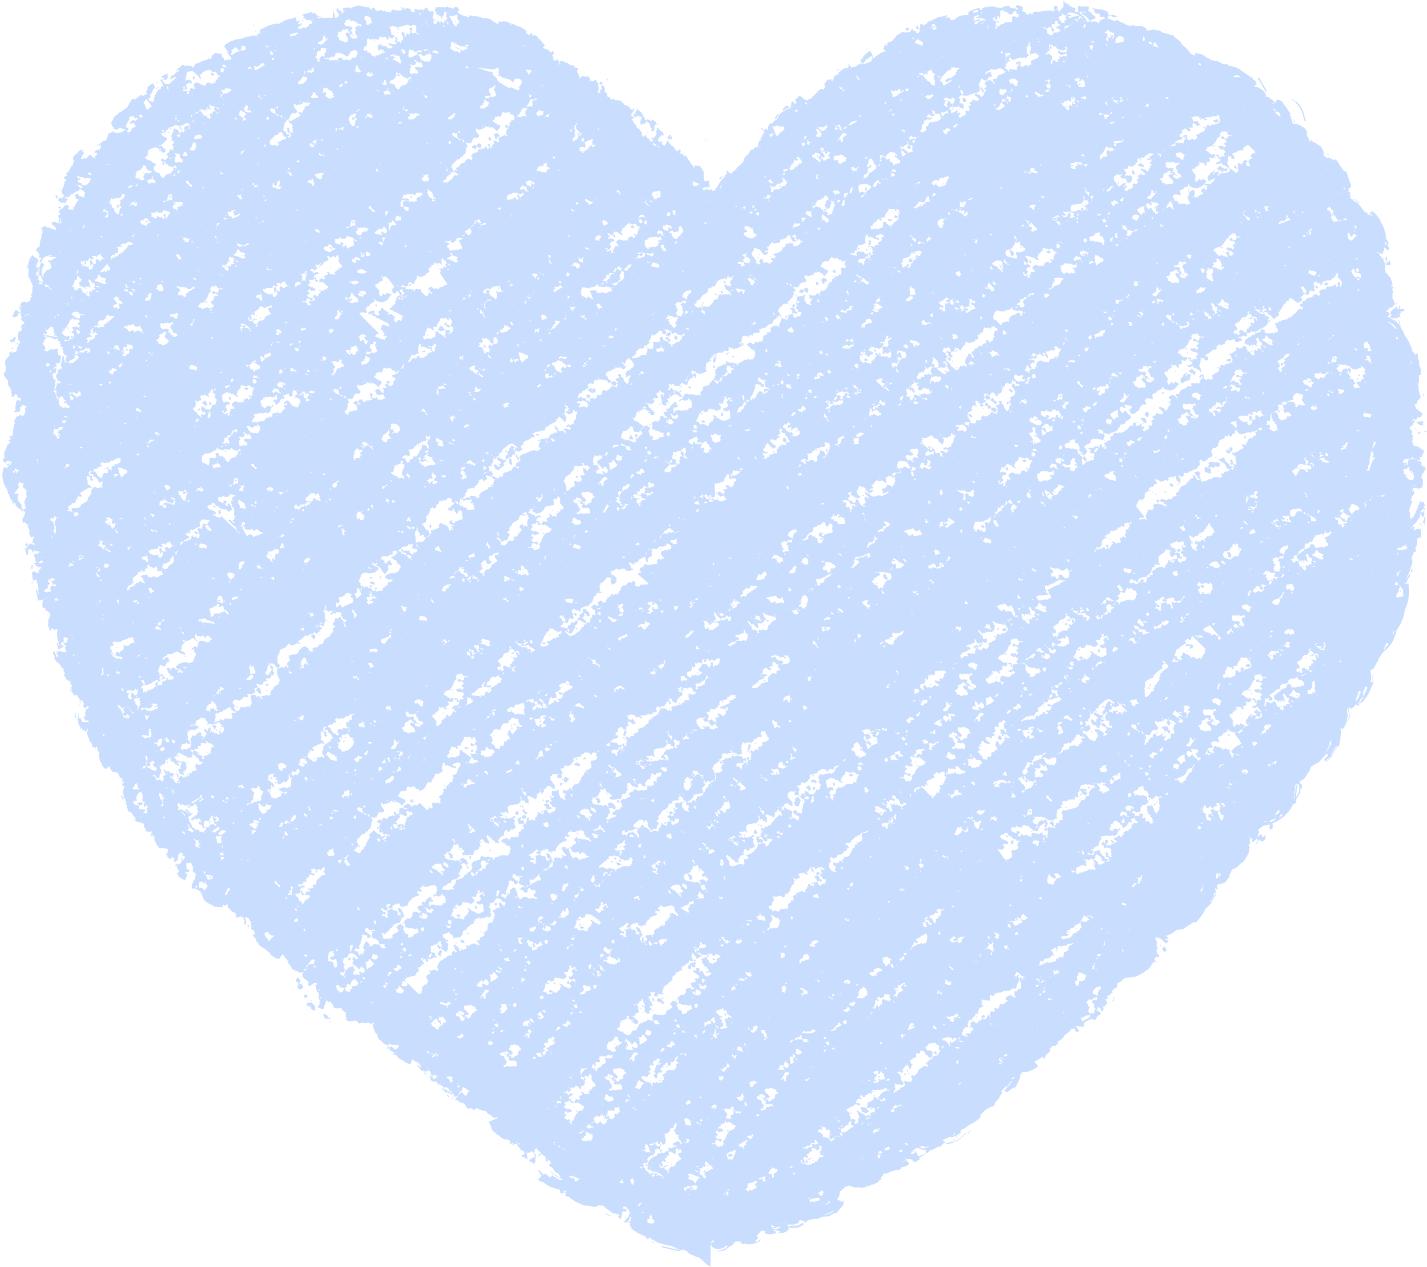 クレヨン塗り背景 パステル 青色 新(ブルー)ハートのイラスト heart_blue